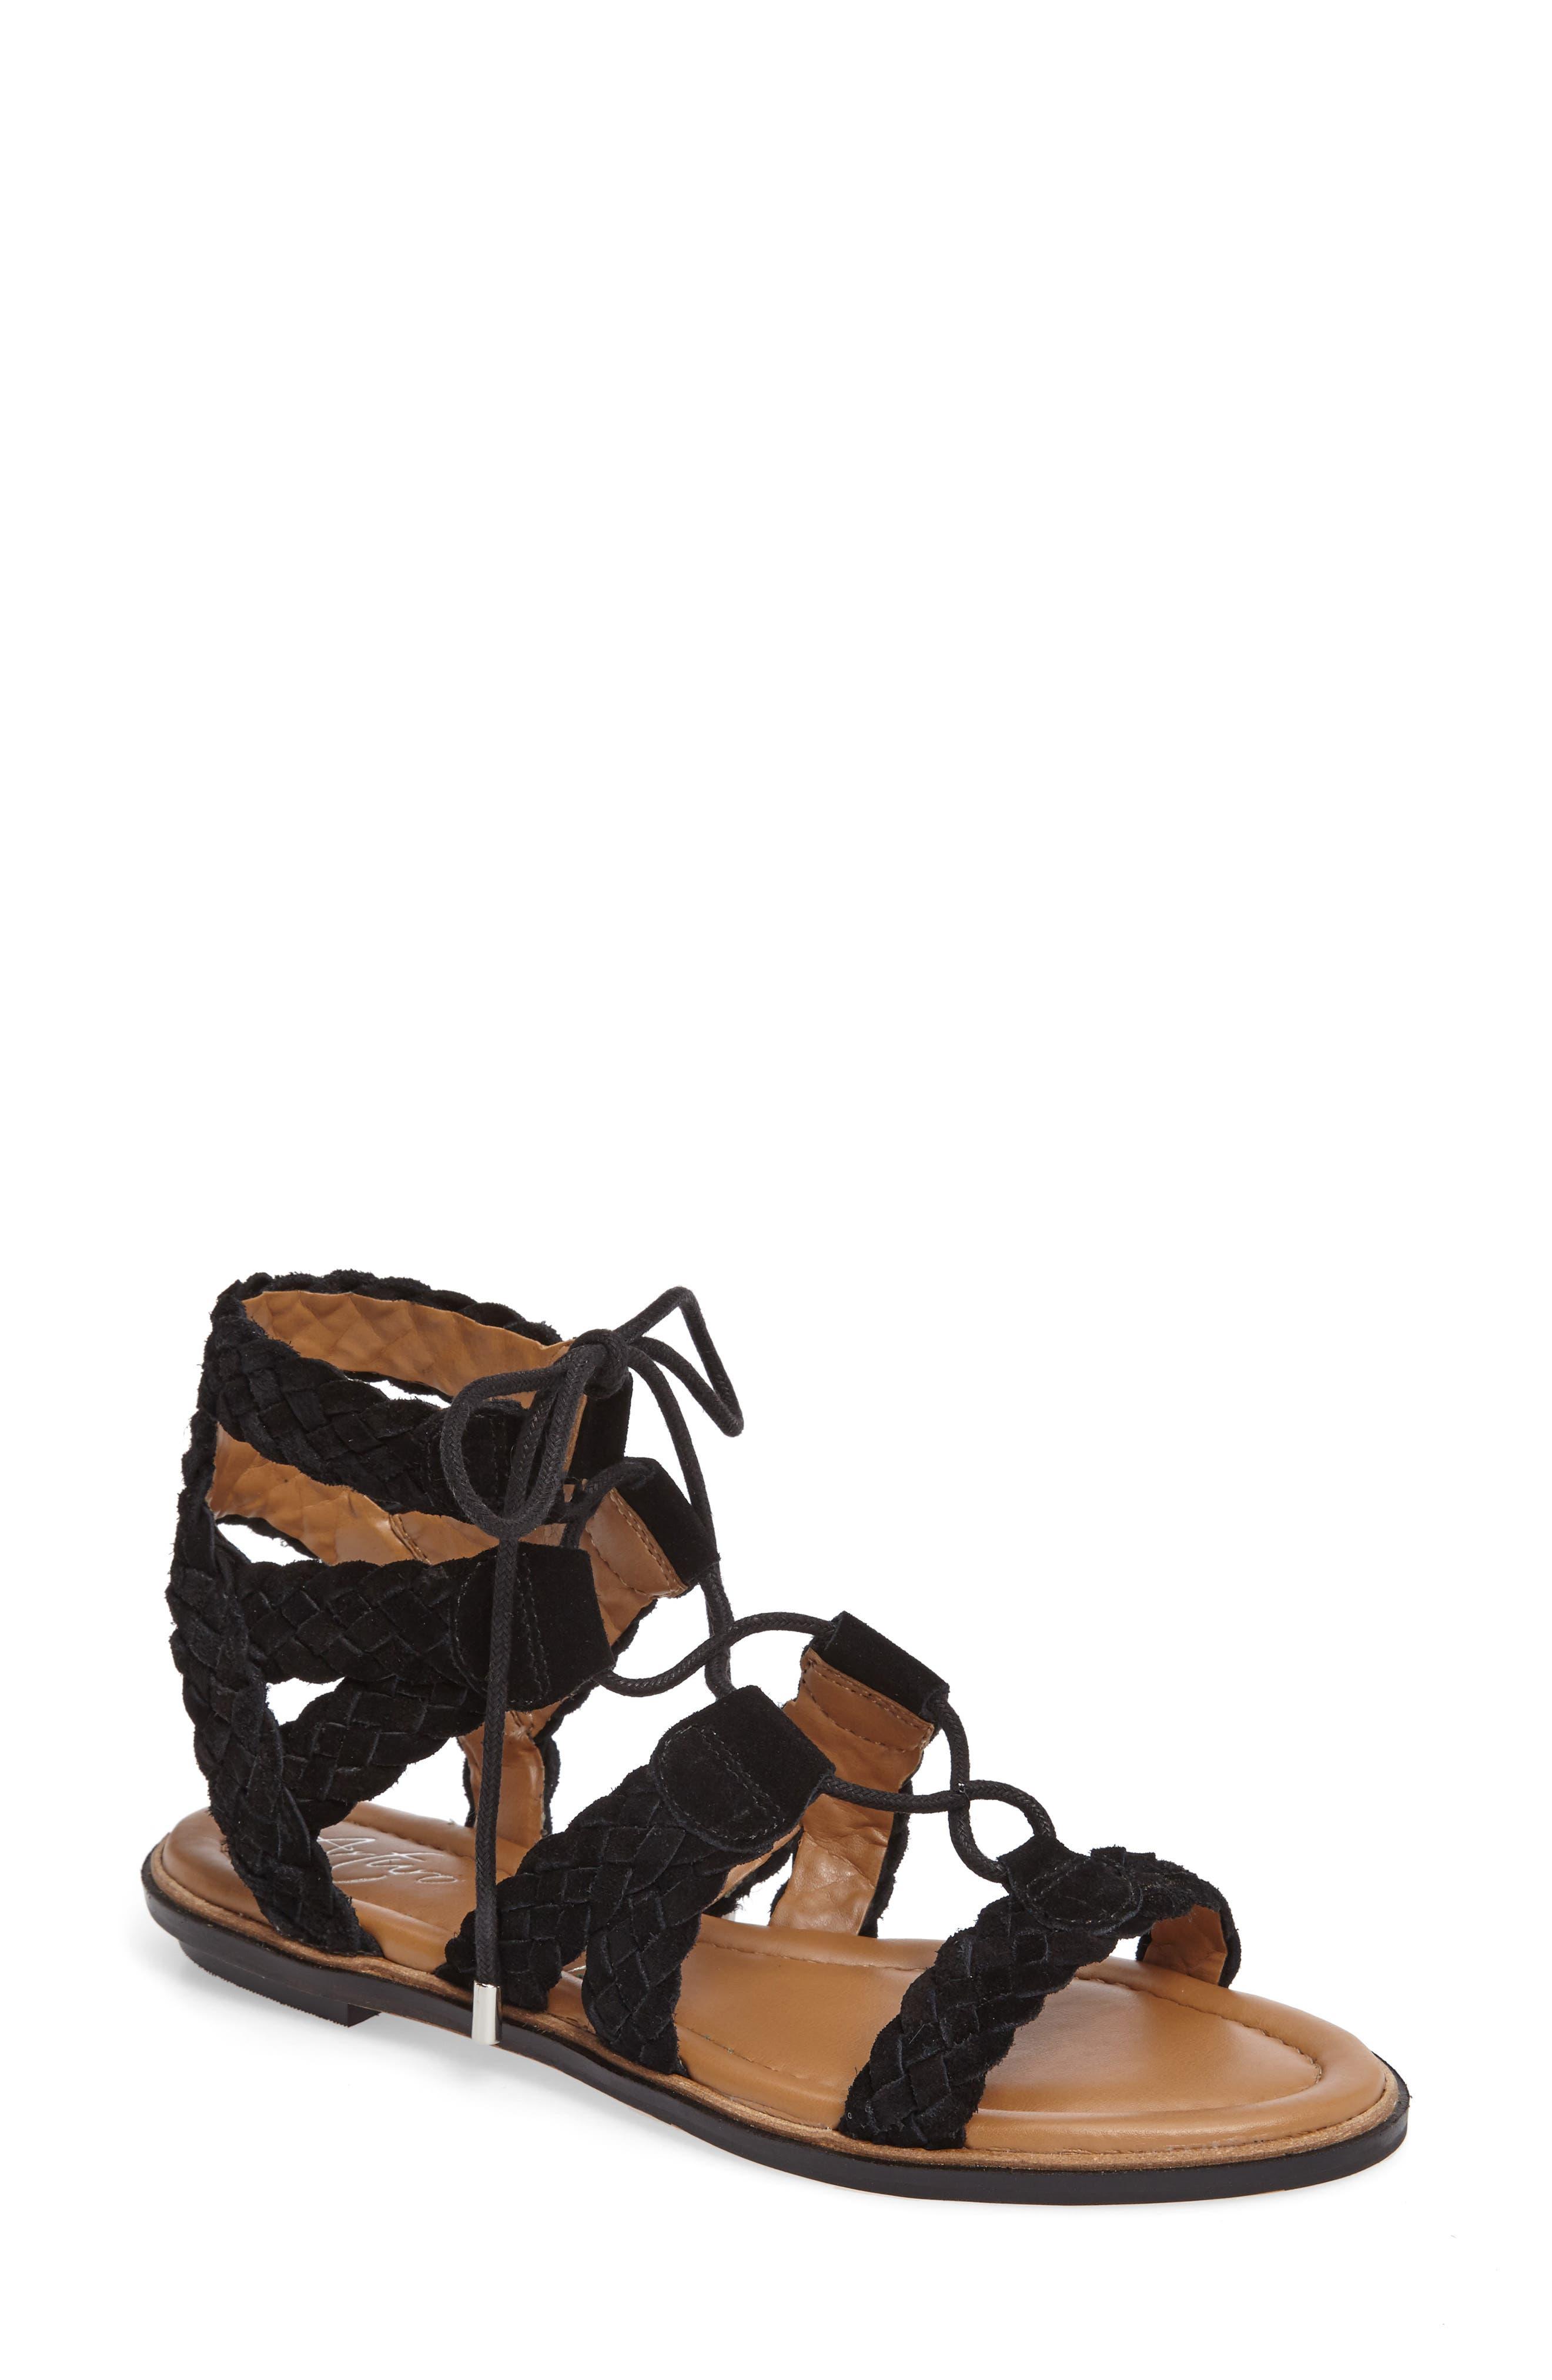 Cassie Lace-Up Sandal,                         Main,                         color, 001